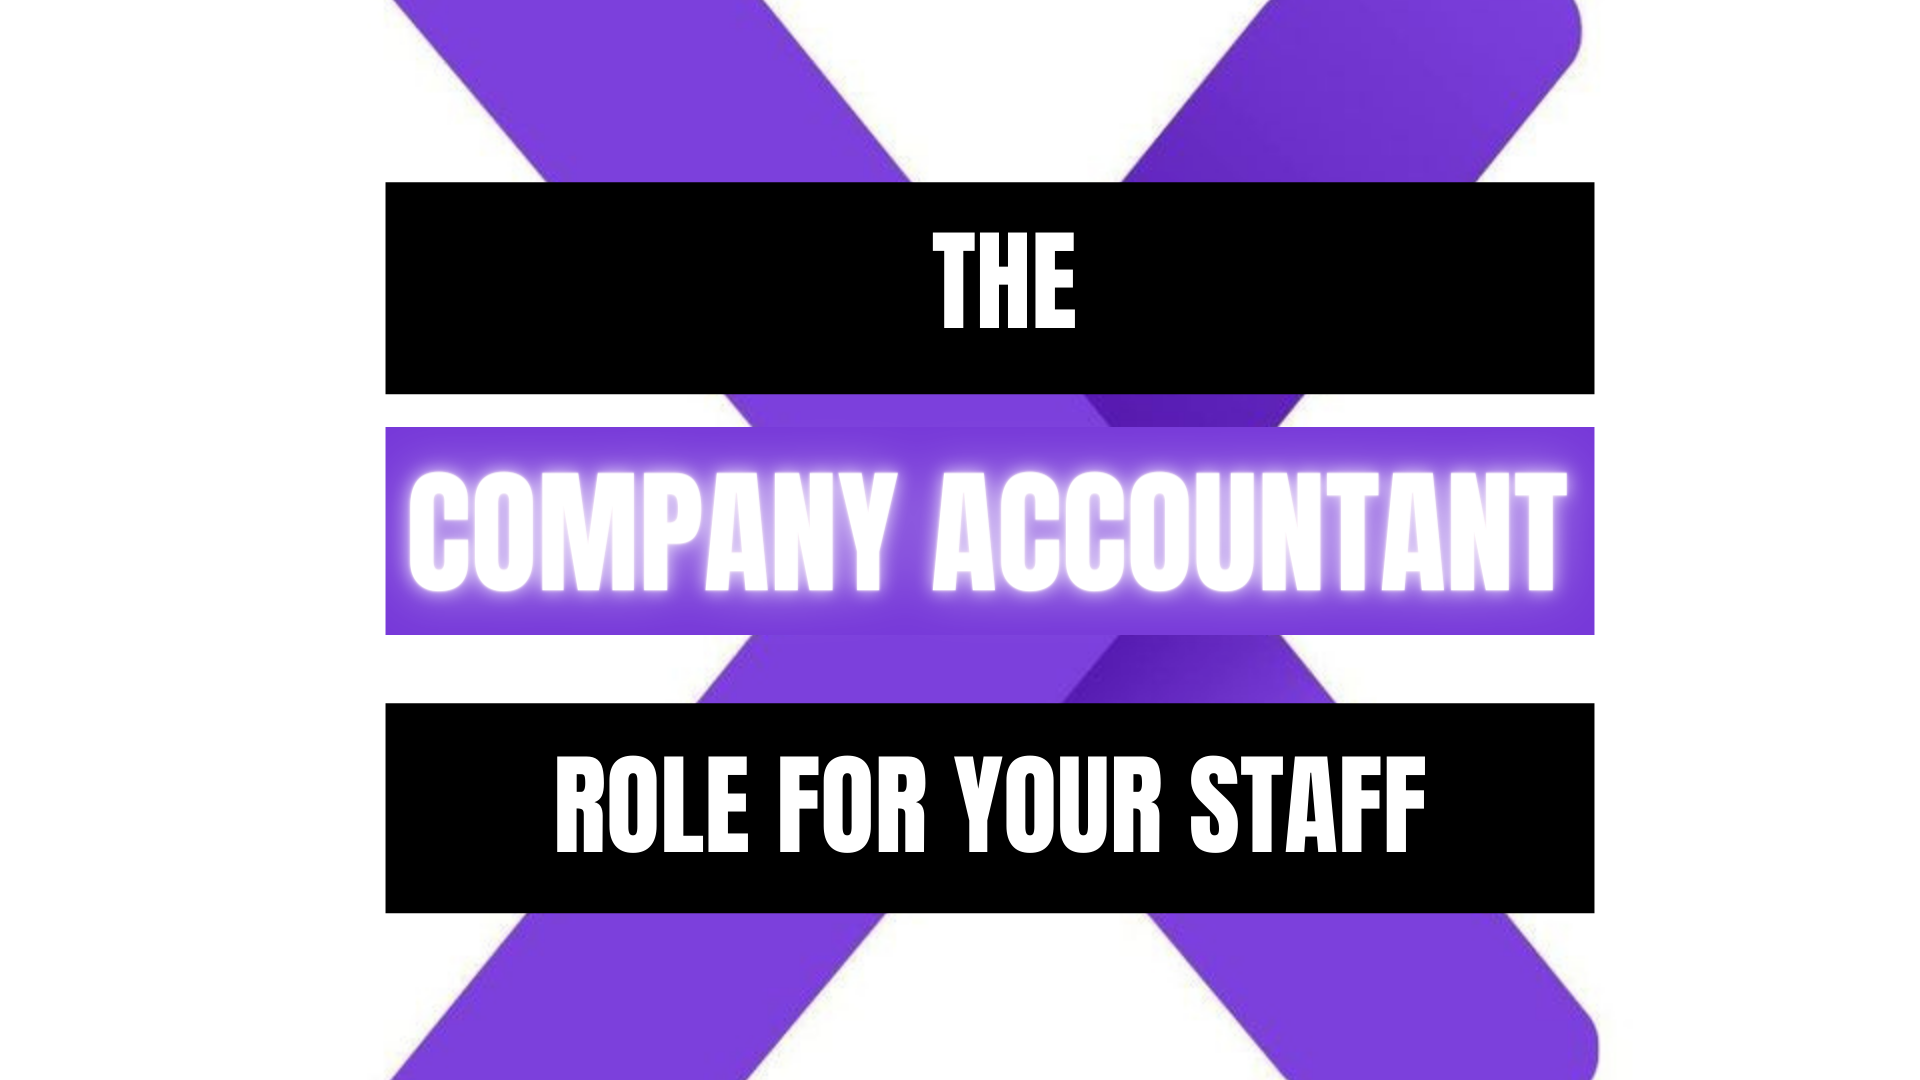 Peekaboox - Company Accountant Role